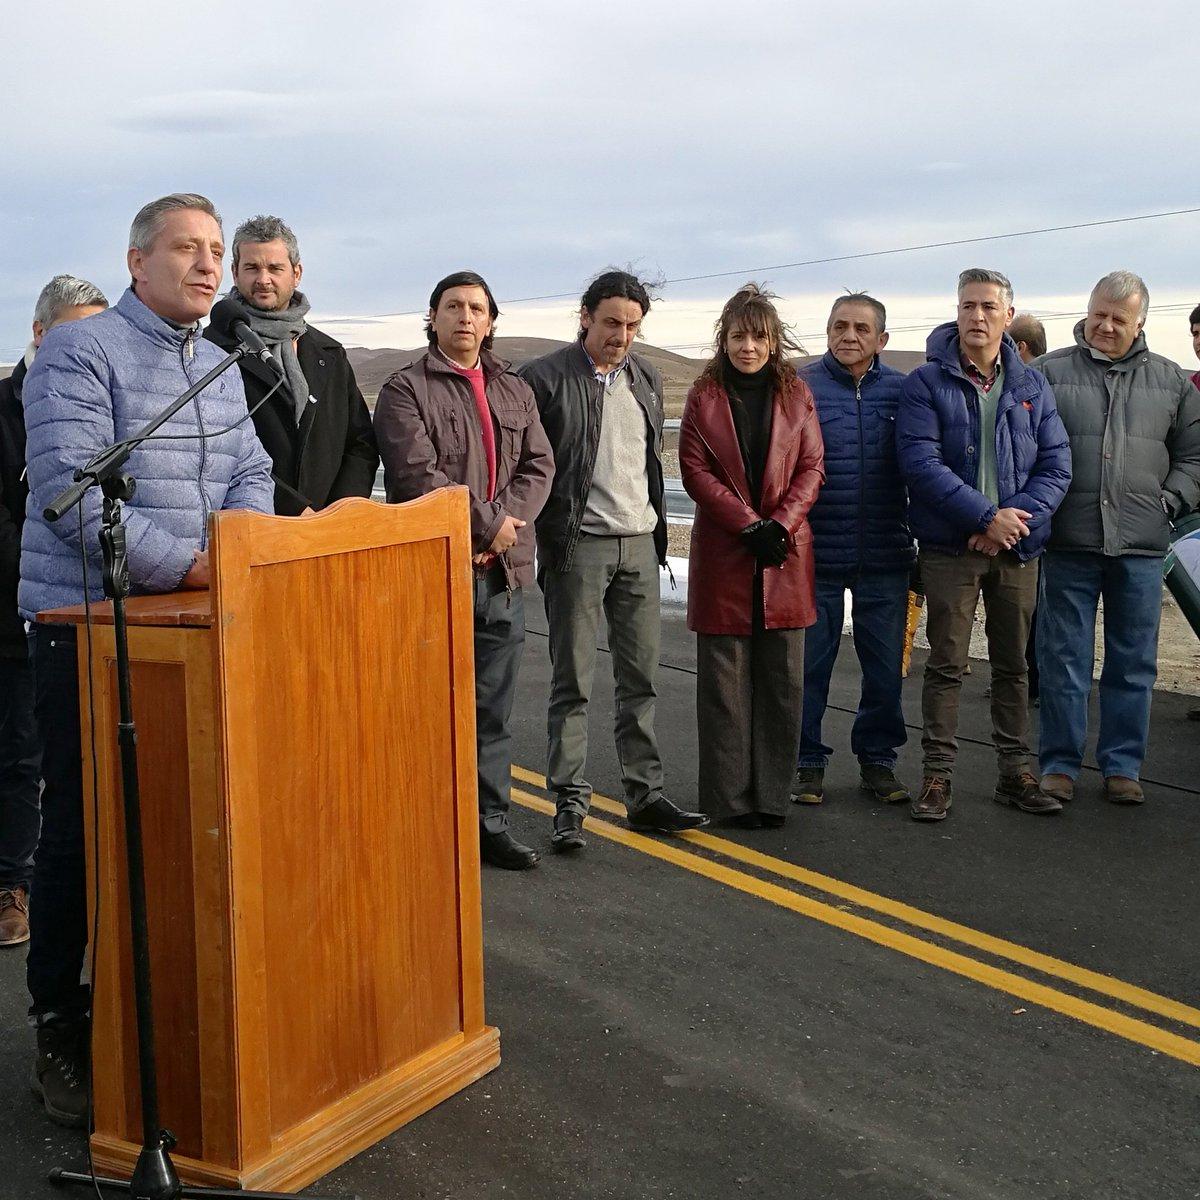 #Hoy 👉 Acompañamos al Gobernador @arcionimariano, y al Presidente de #VialidadProvincial, Nicolás Cittadini, en la inauguración del puente sobre #ArroyoSeco, tramo #GobernadorCosta - #RioPico. 👏 #ChubutGanaSiEstamosTodos